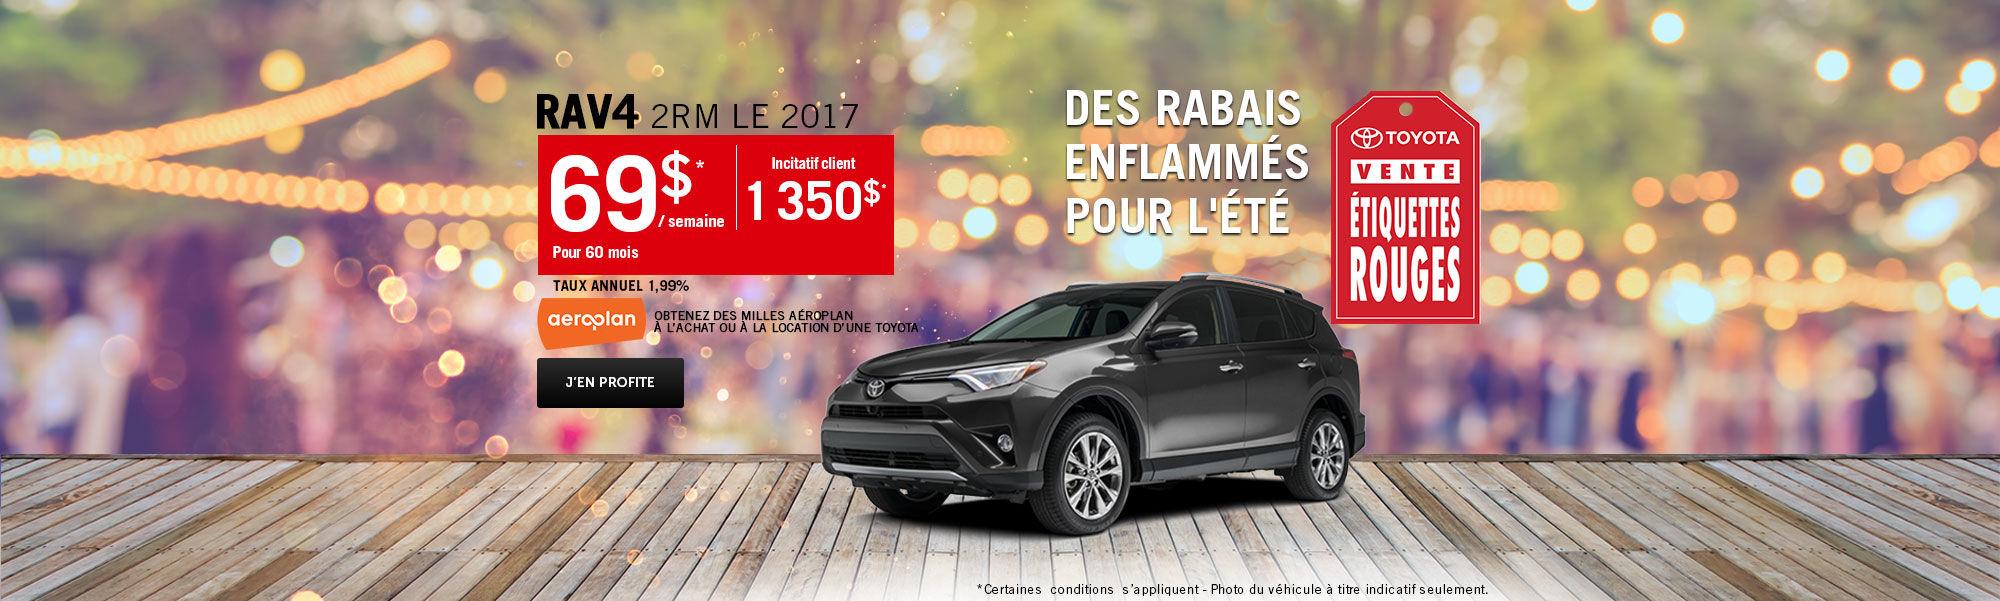 Vente étiquette rouges Toyota - Rav4